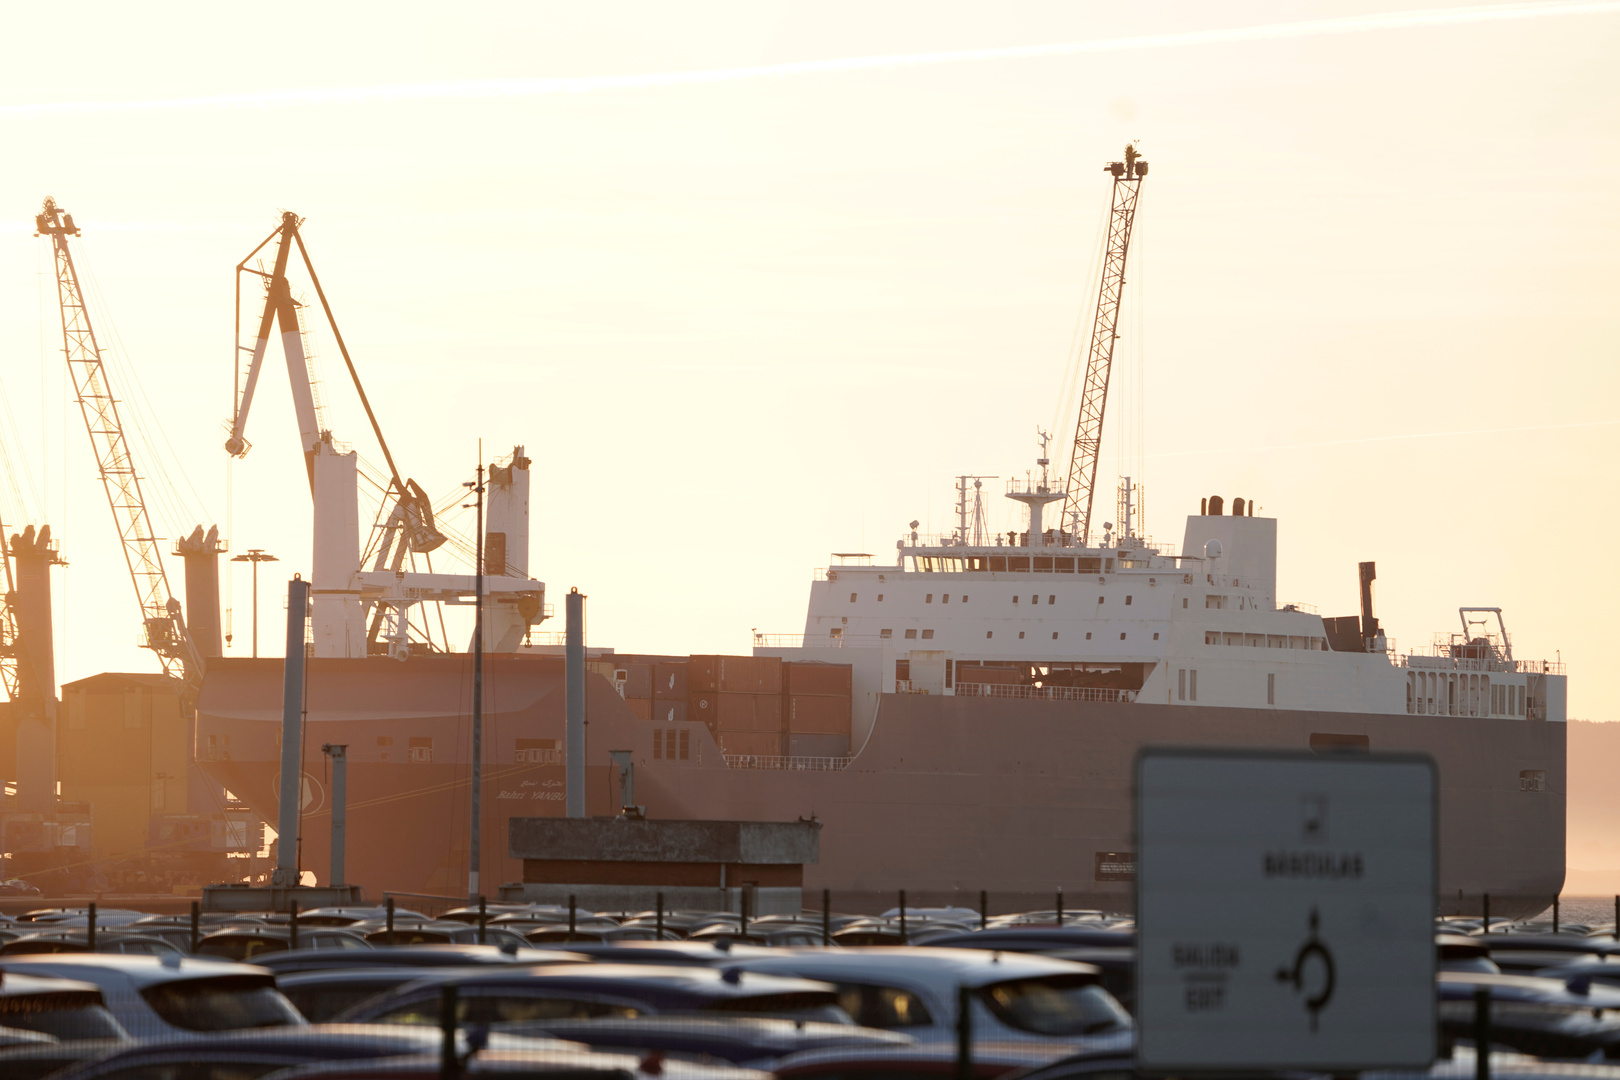 أنباء عن تعرض سفينة لهجوم بالبحر الأحمر قبالة ساحل ميناء ينبع في السعودية